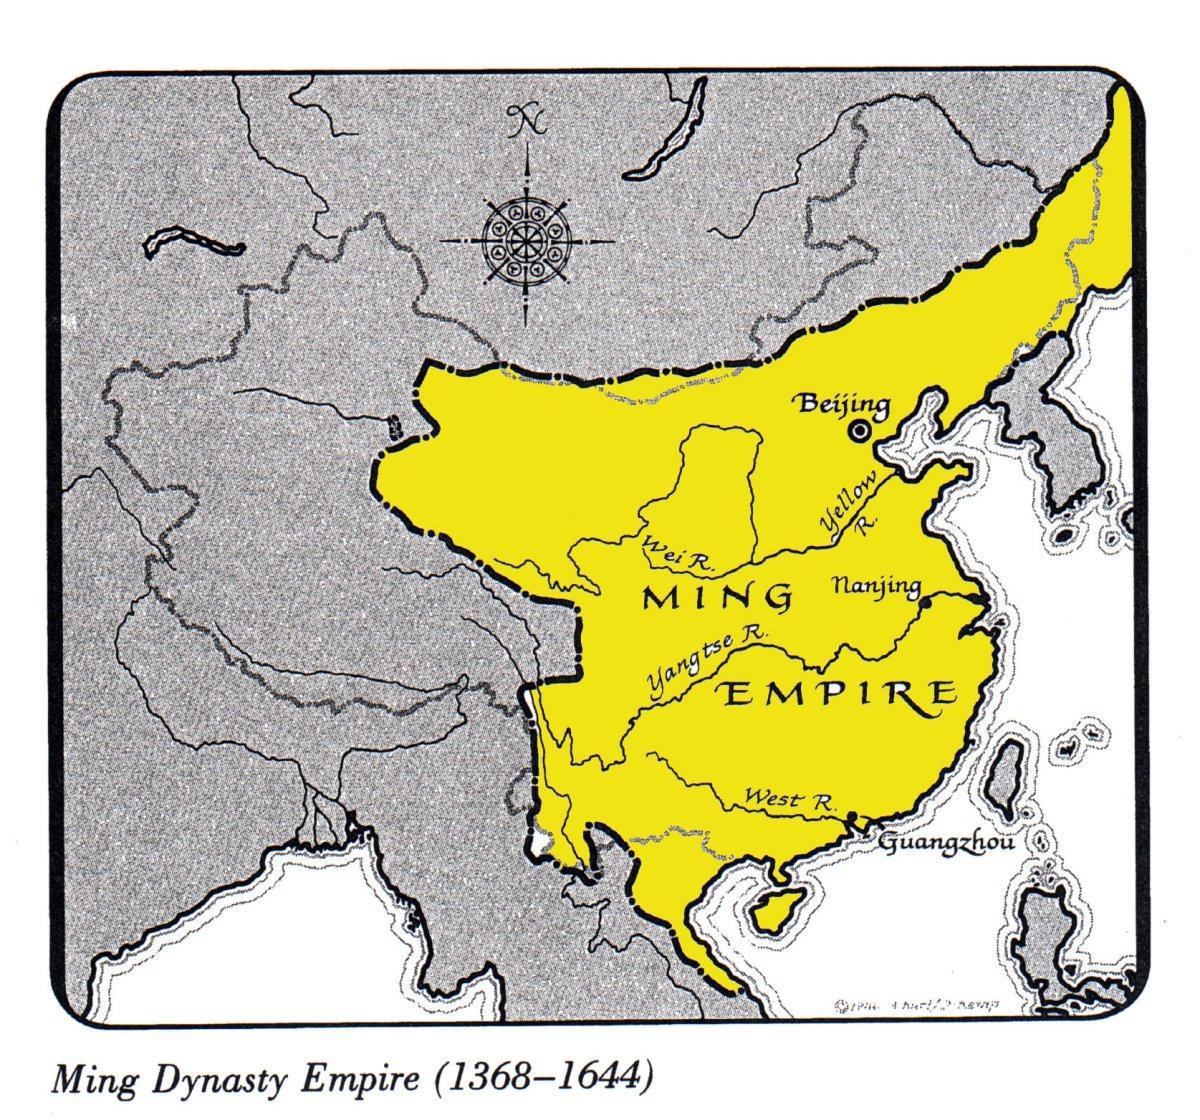 Gelmiş geçmiş en büyük 5 imparatorluk